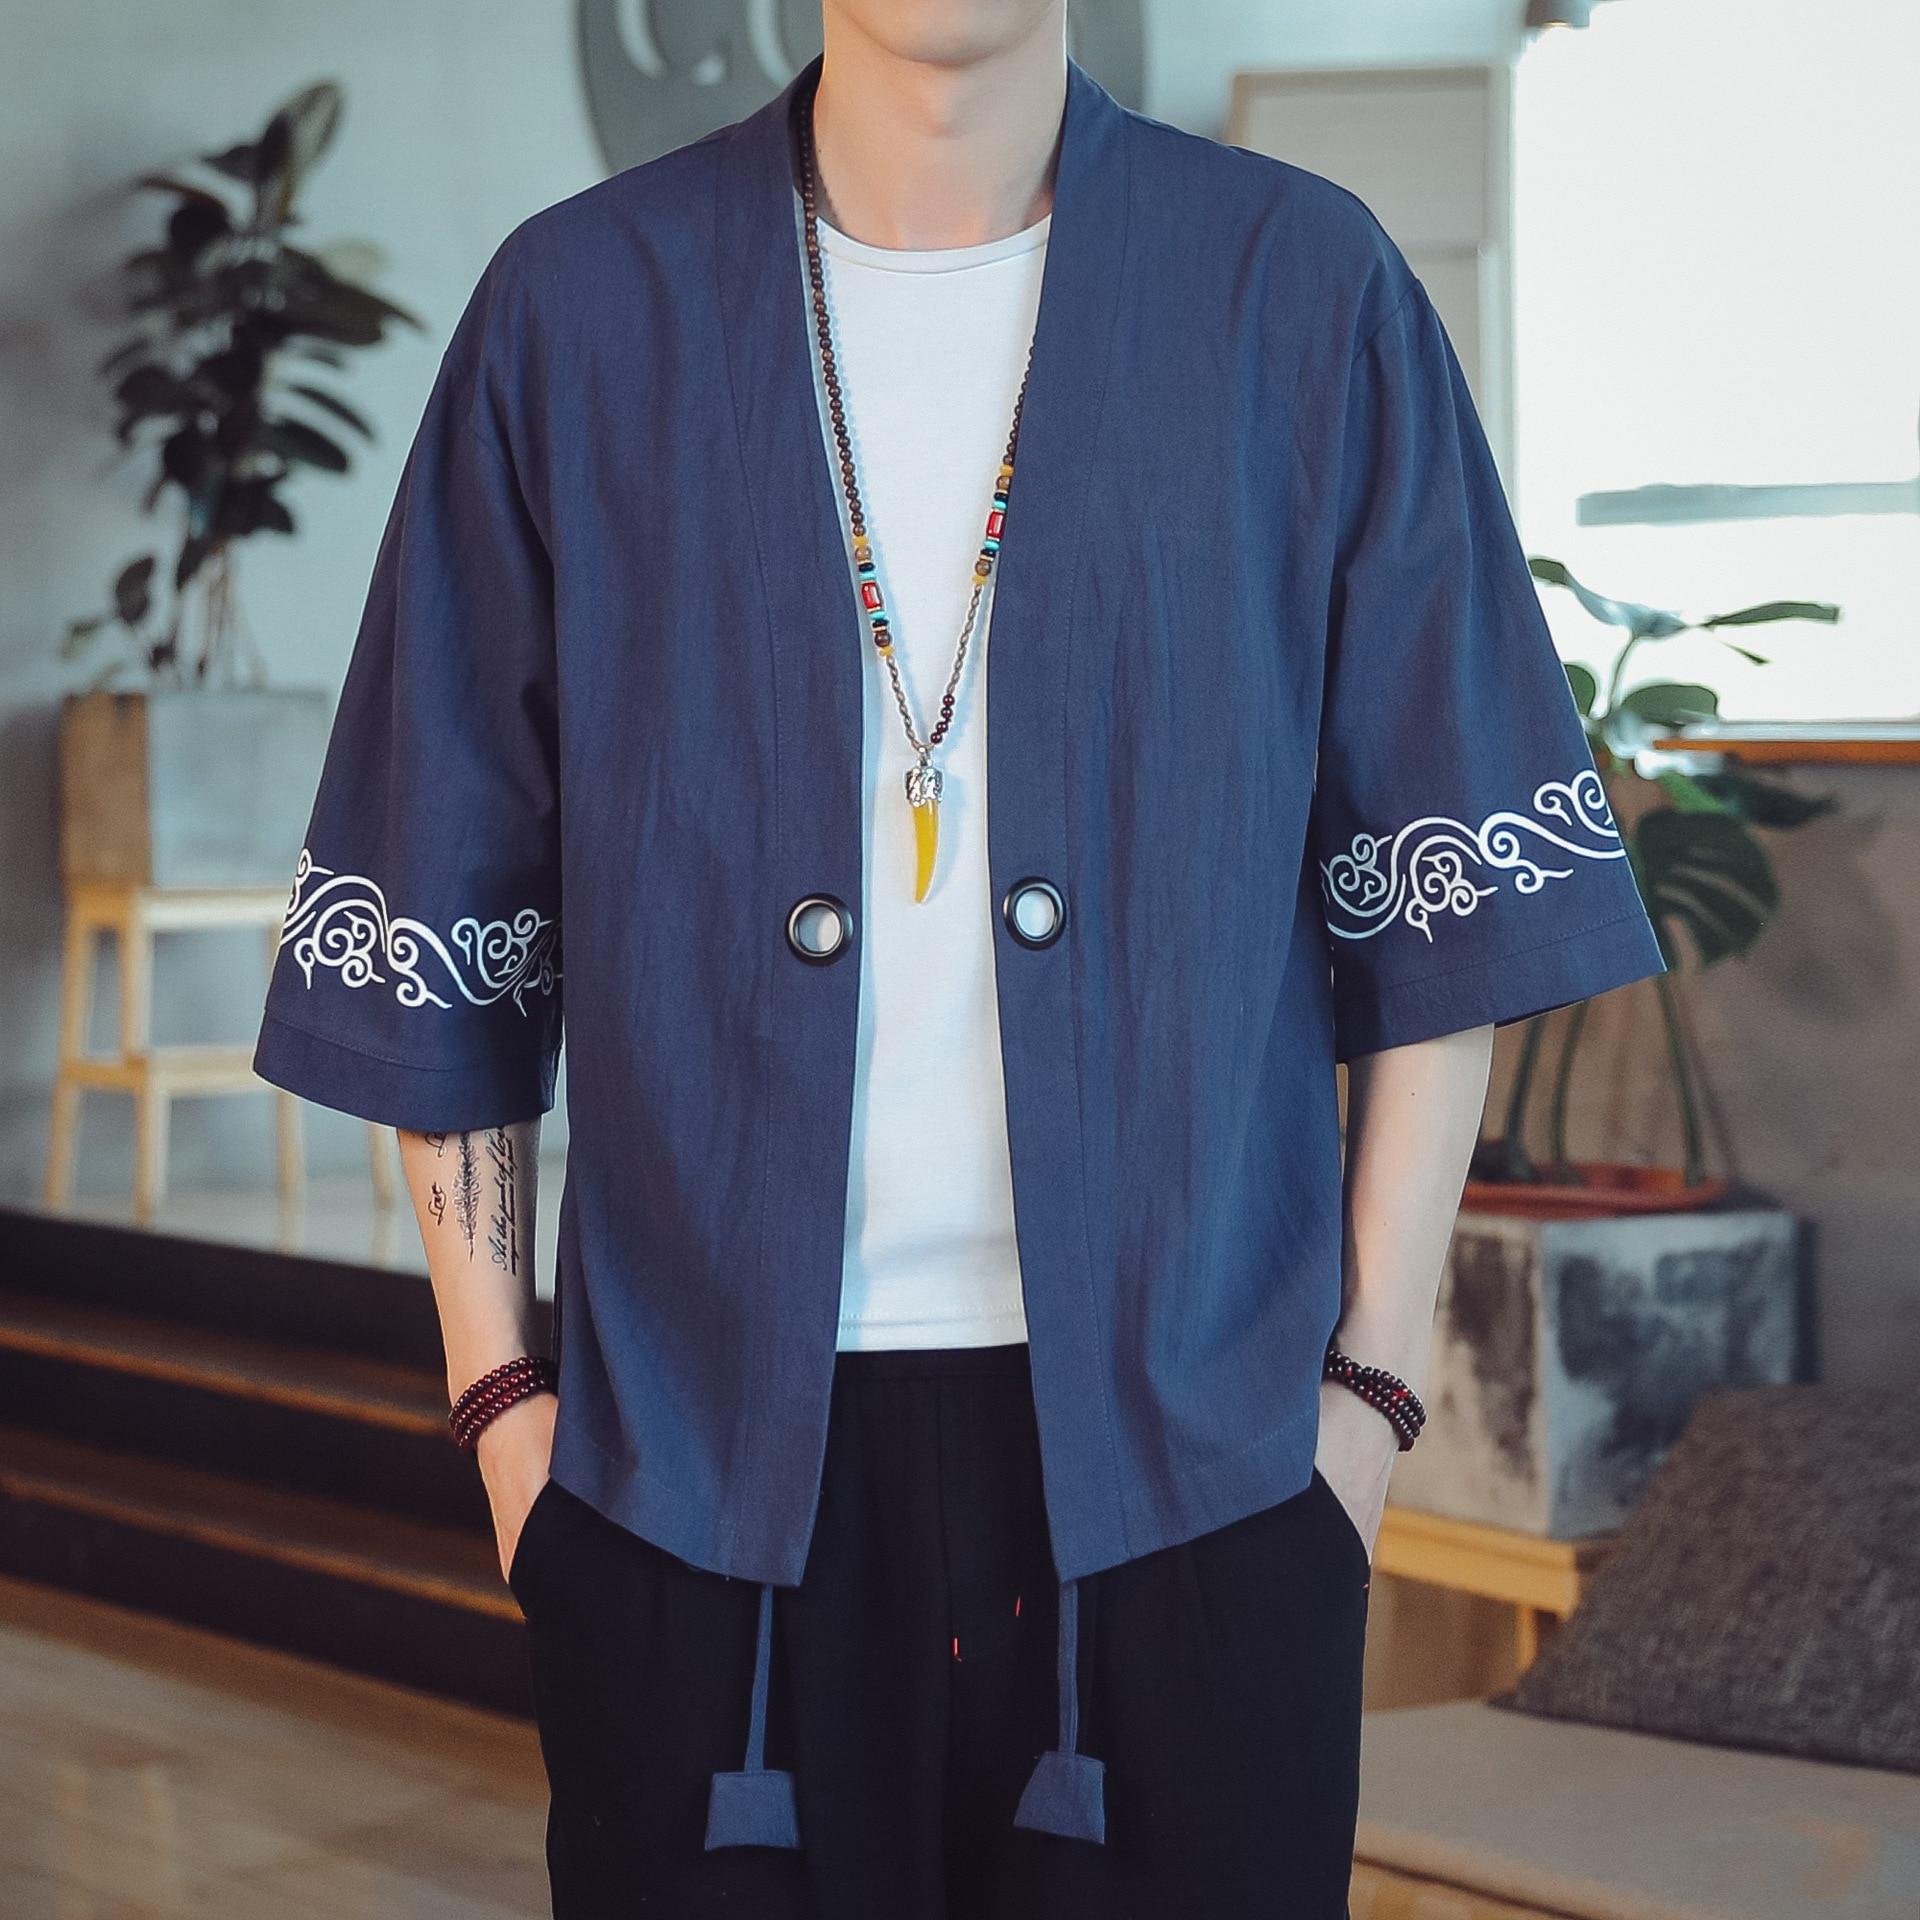 #3917 Cotton Linen Kimono Jacket Men Three Quarter Sleeve Vintage Loose Plus Size 5XL Print Men Kimono Coat China Style Summer